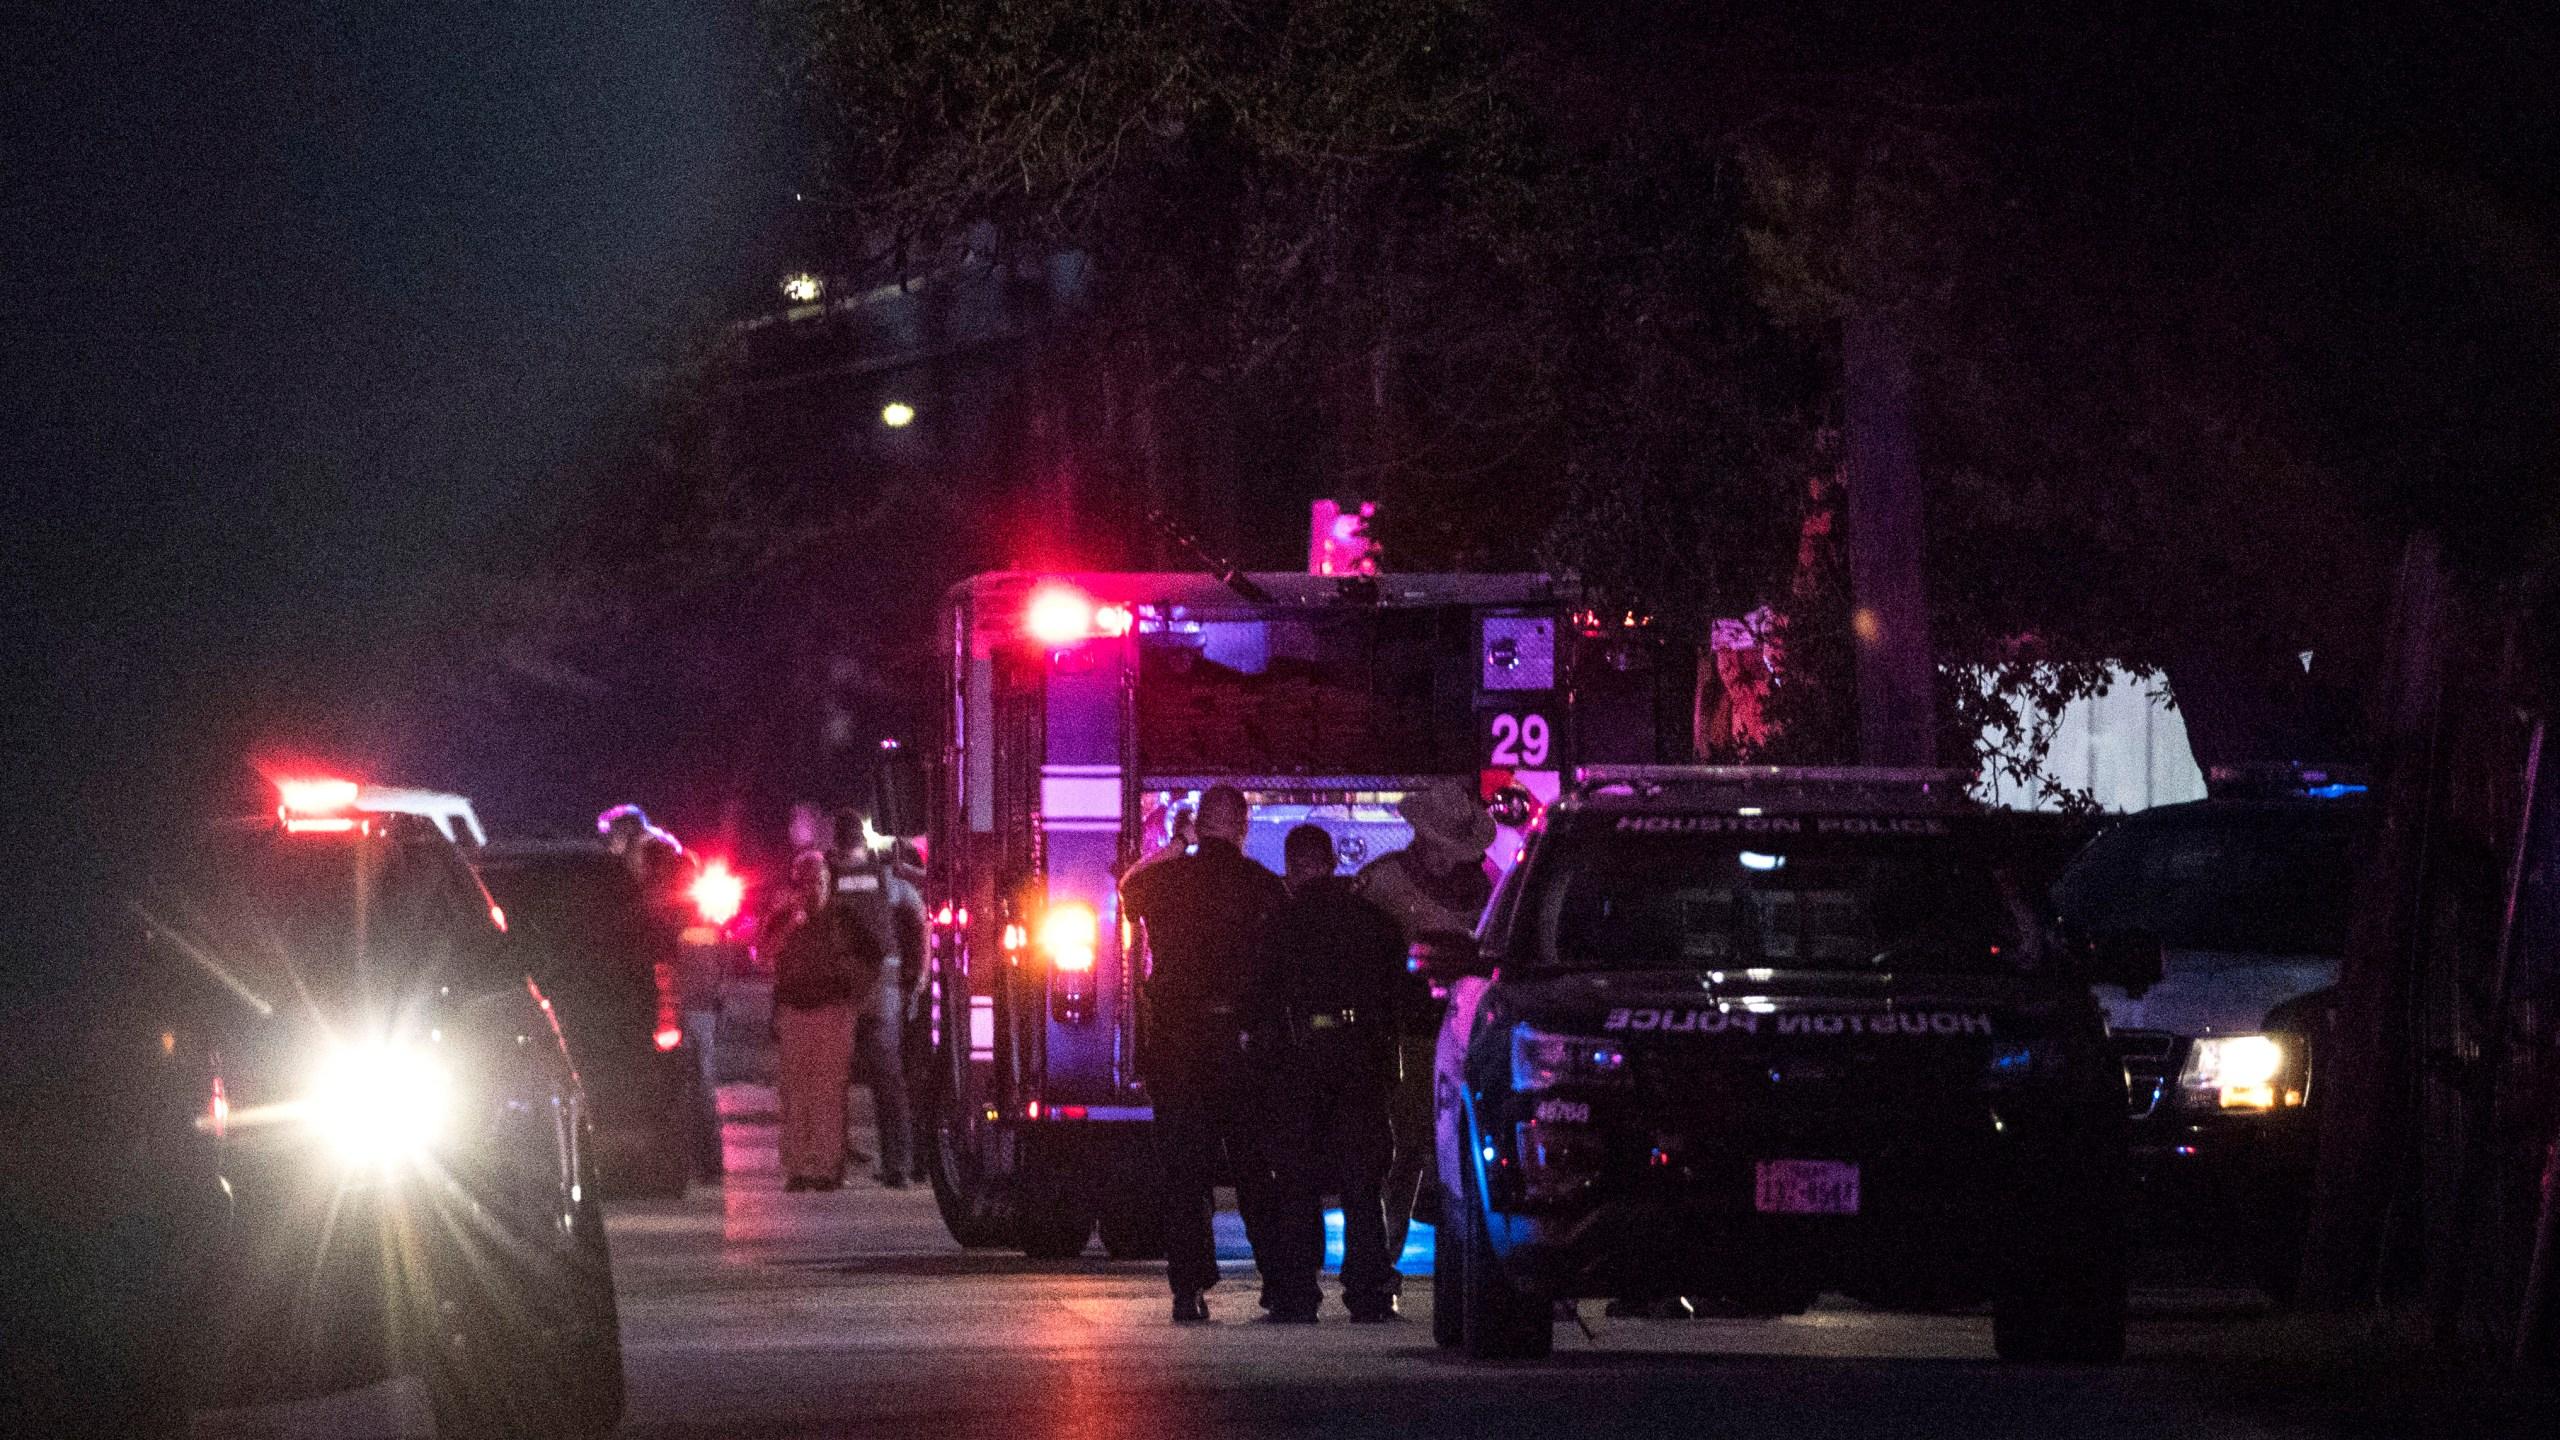 Houston_Officers_Shot_87348-159532.jpg86623473